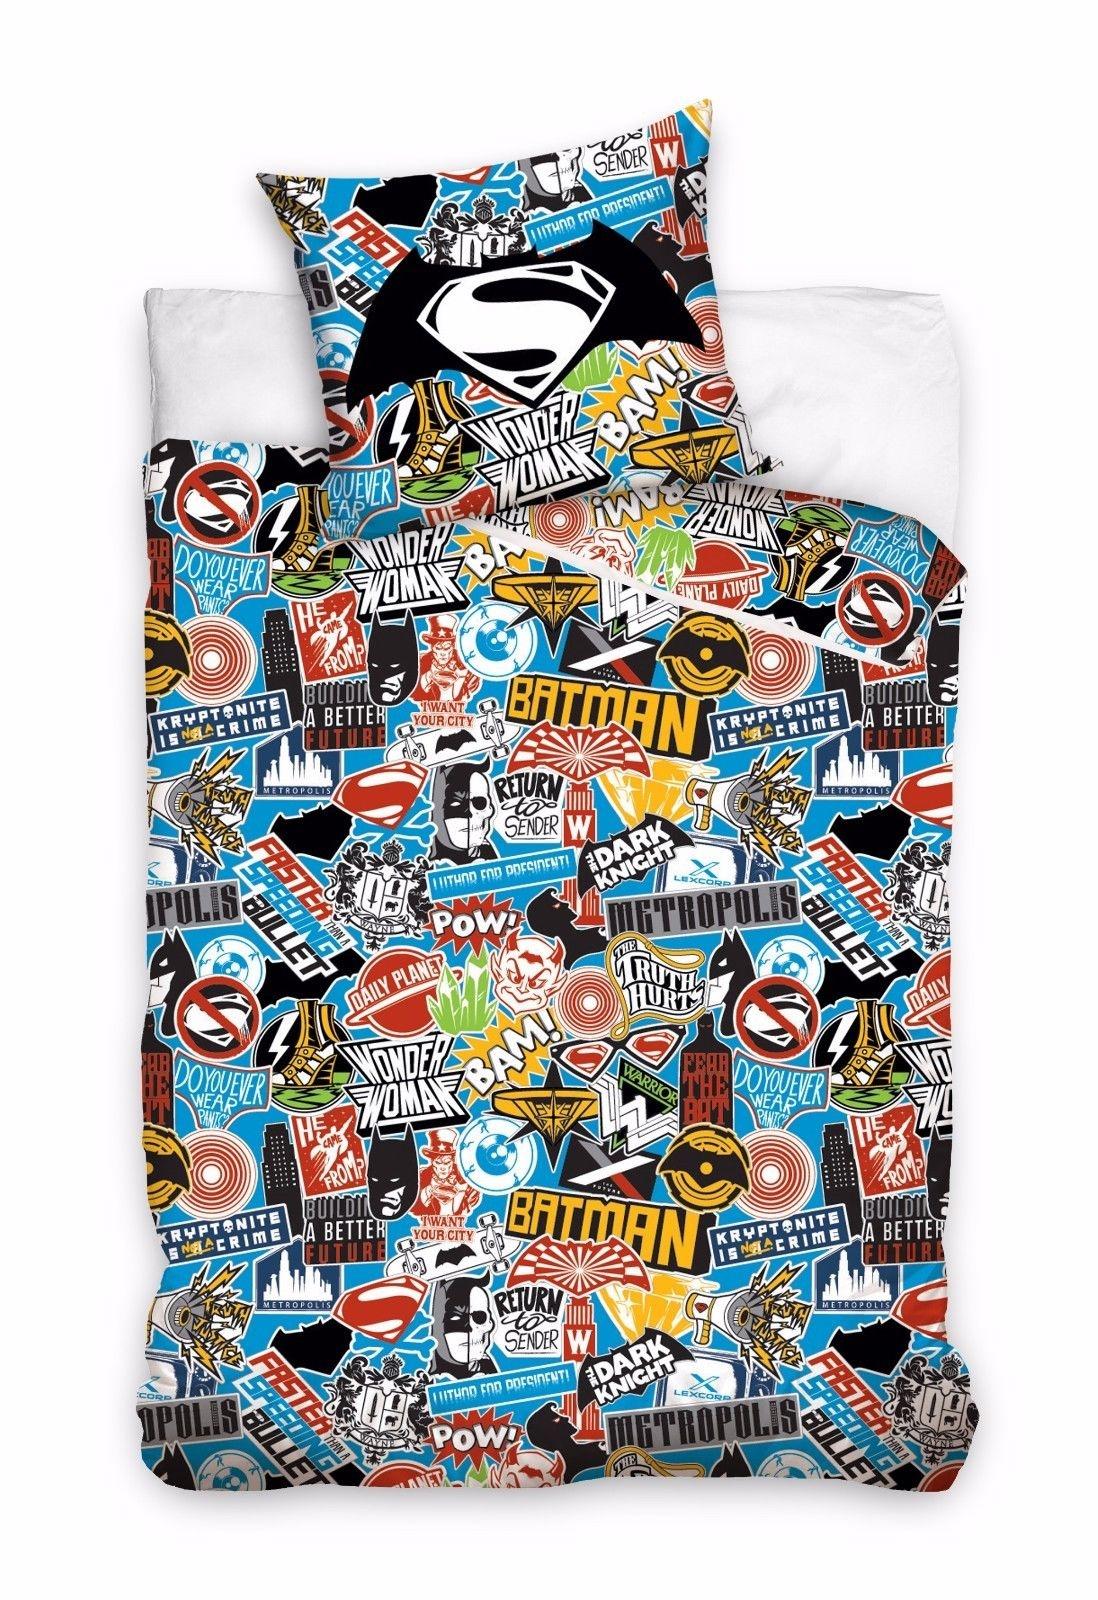 Carbotex Dekbedovertrek superhelden  logos 160 x 200 cm